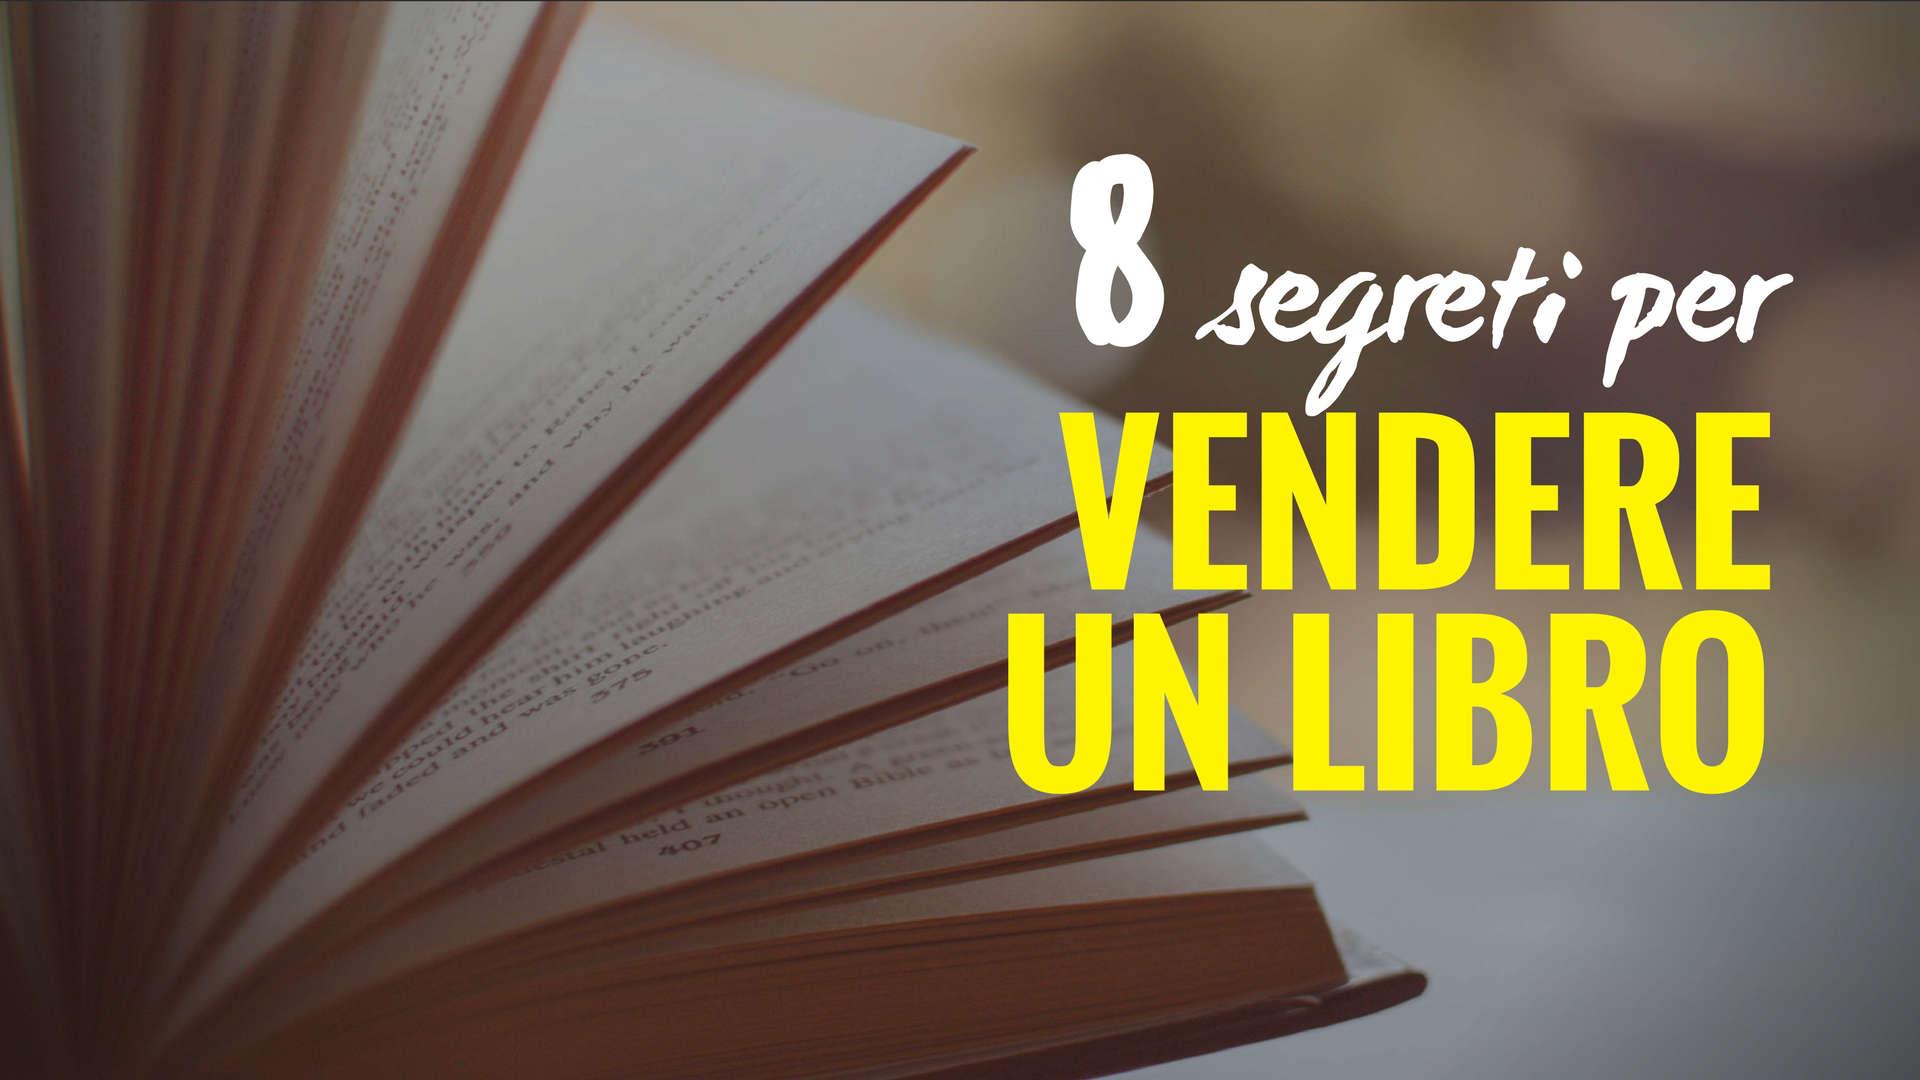 8 segreti per vendere un libro